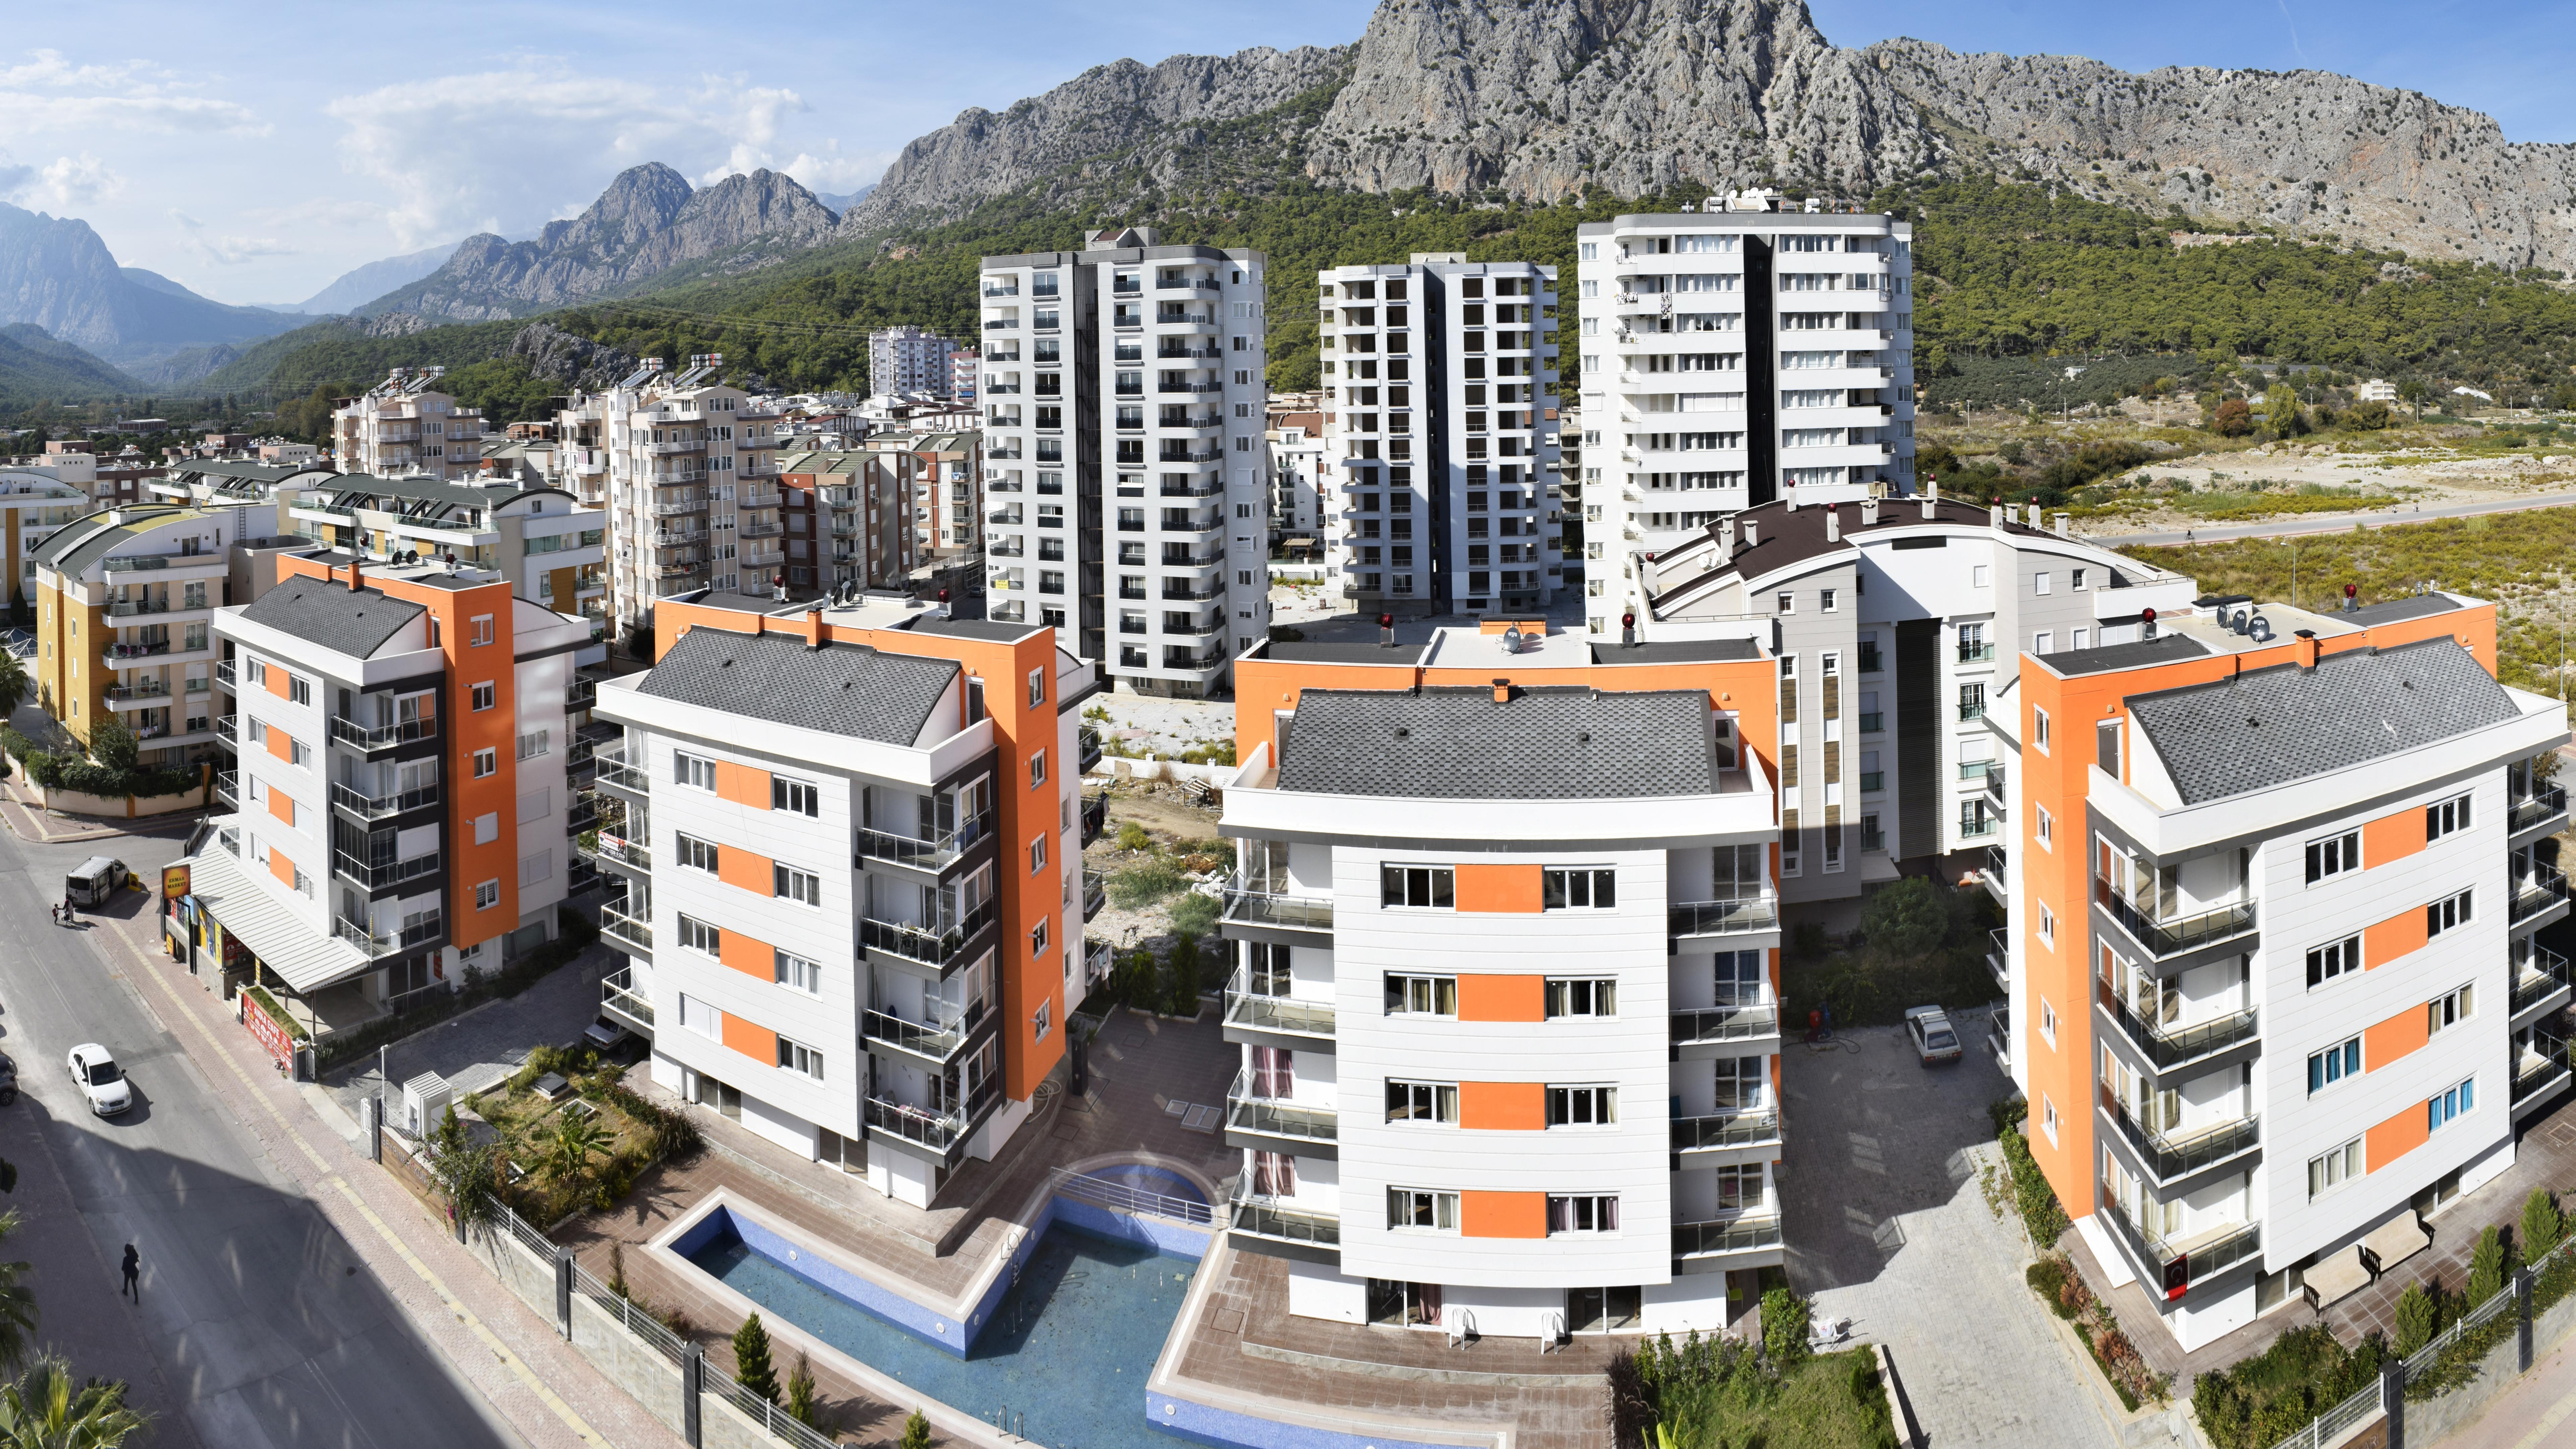 Ferienwohnung Gerumige 2 Schlafzimmer fr 5 mit Blick auf die Berge Gratis Wifi (2782161), Çakirlar, , Mittelmeerregion, Türkei, Bild 17